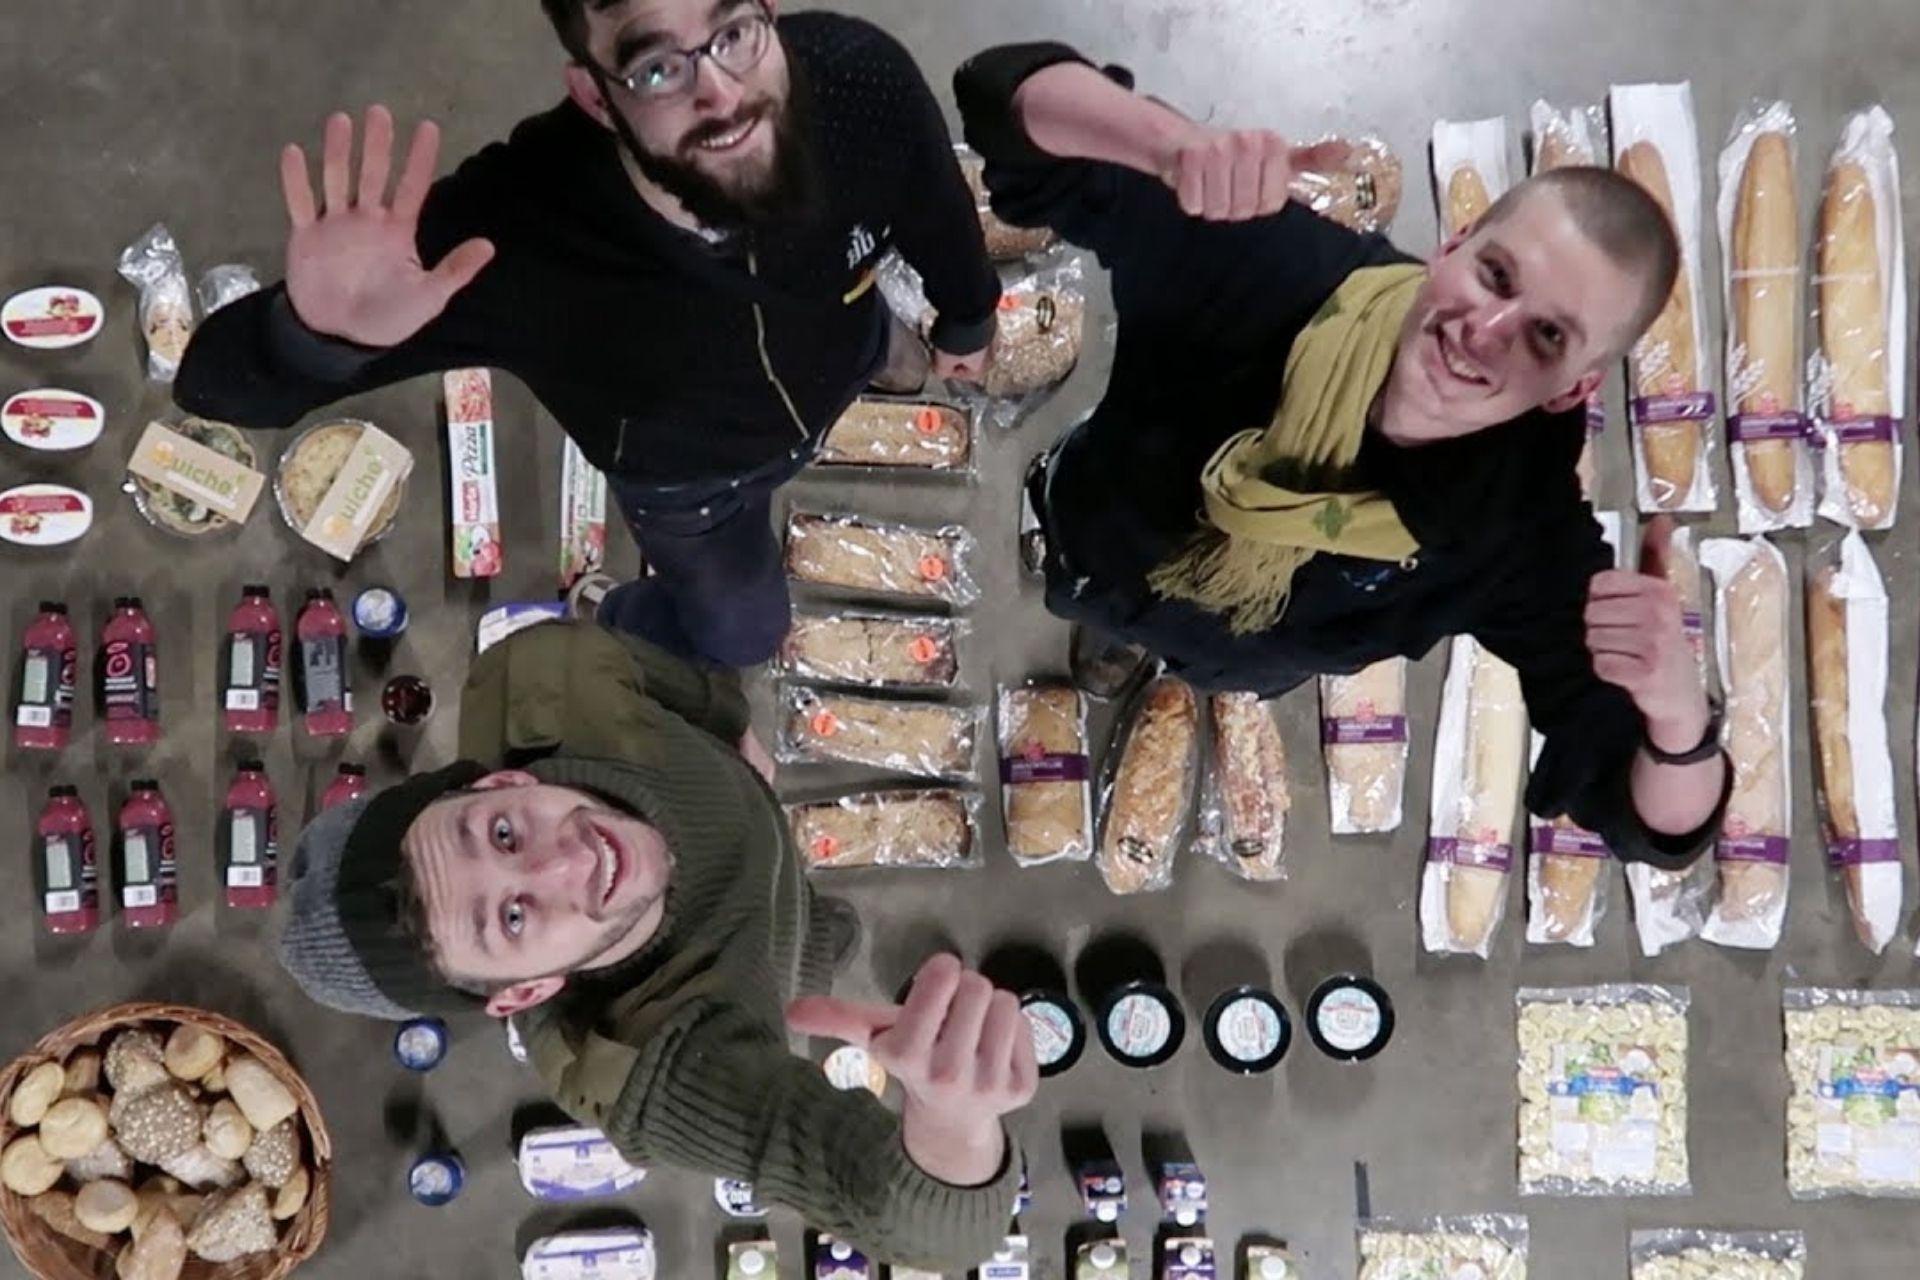 Dumpsterdiving food rescued in Eindhoven